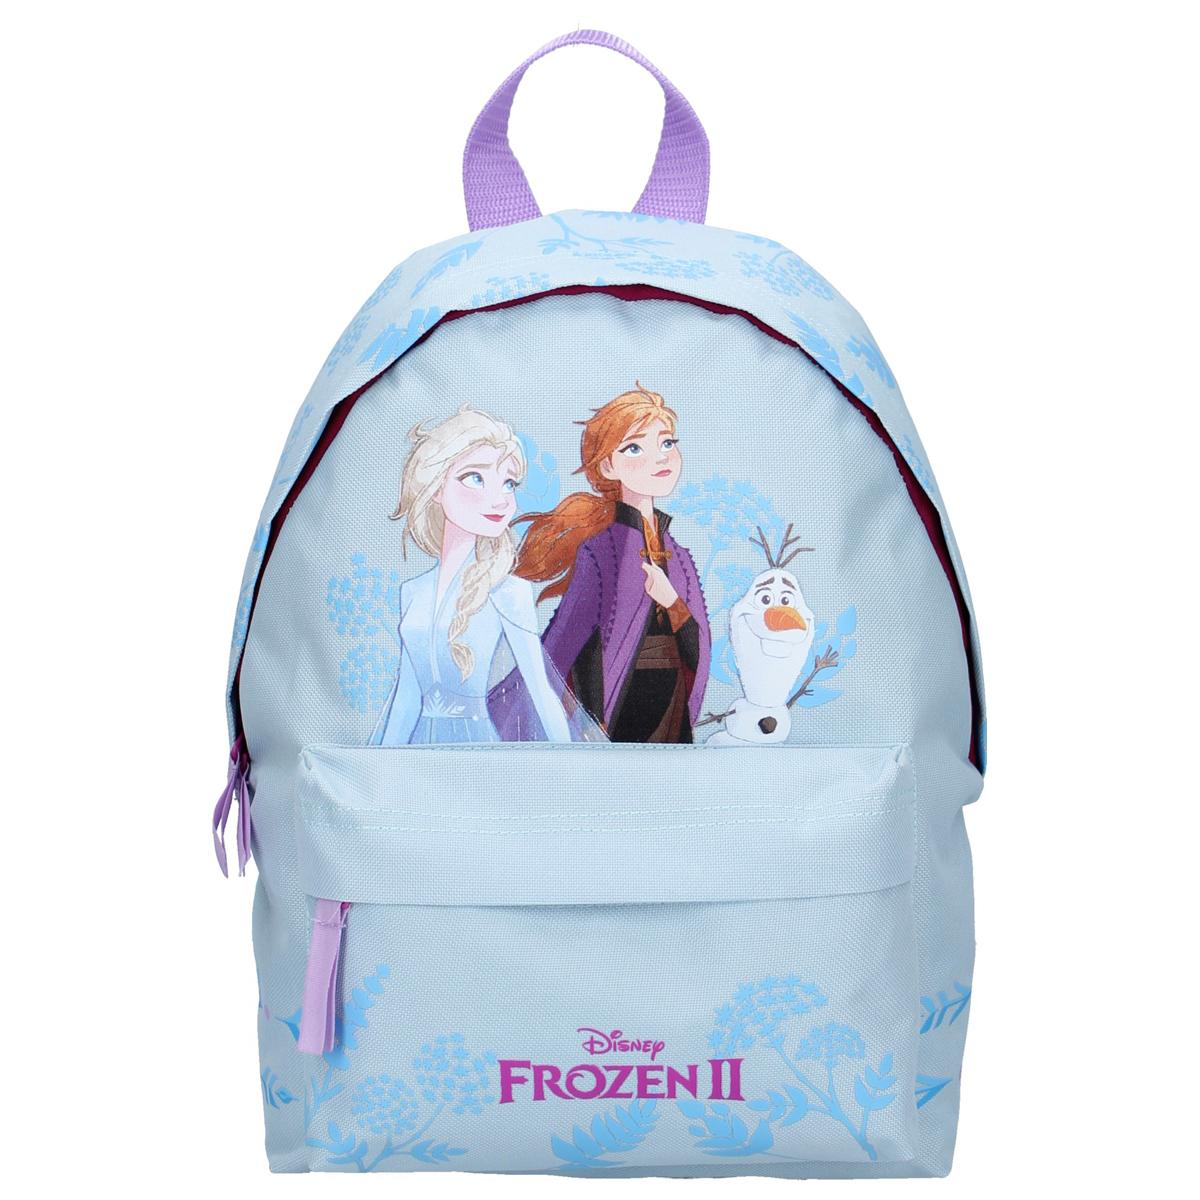 Sac à Dos \'Frozen - Reine des Neiges\' bleu ciel - 31x22x9 cm - [A0088]